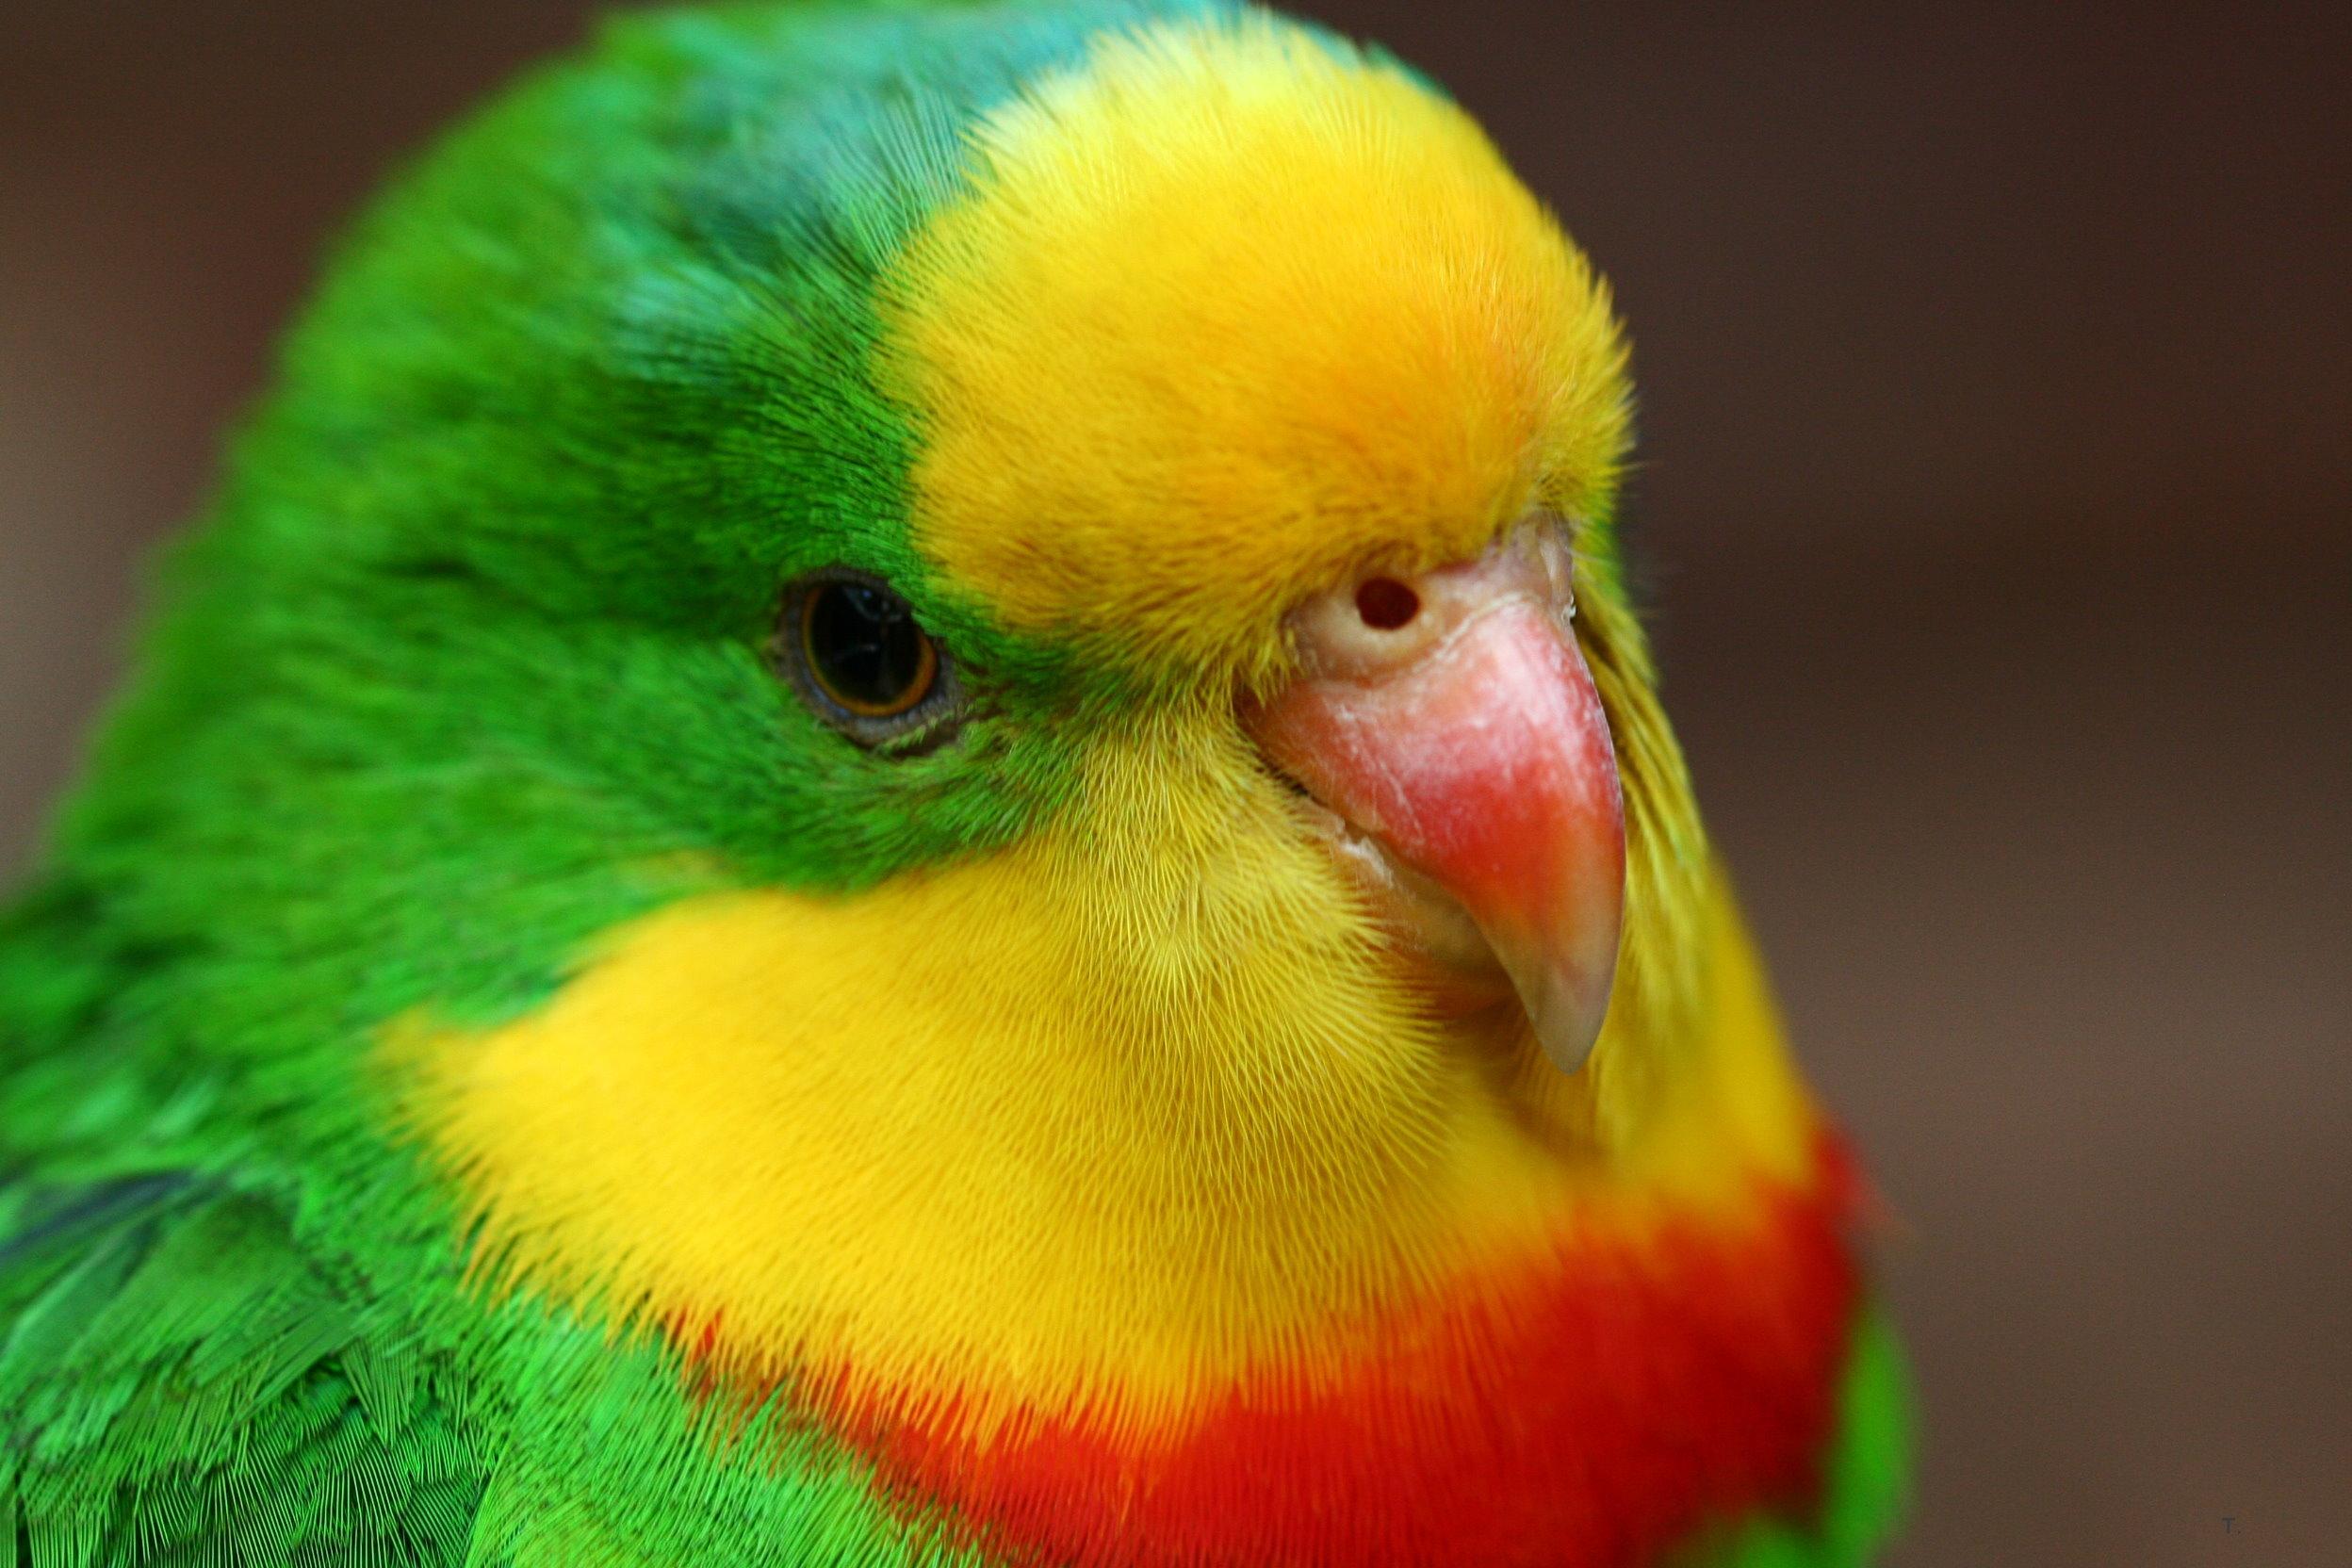 разноцветный попугай, клюв, скачать фото, обои для рабочего стола